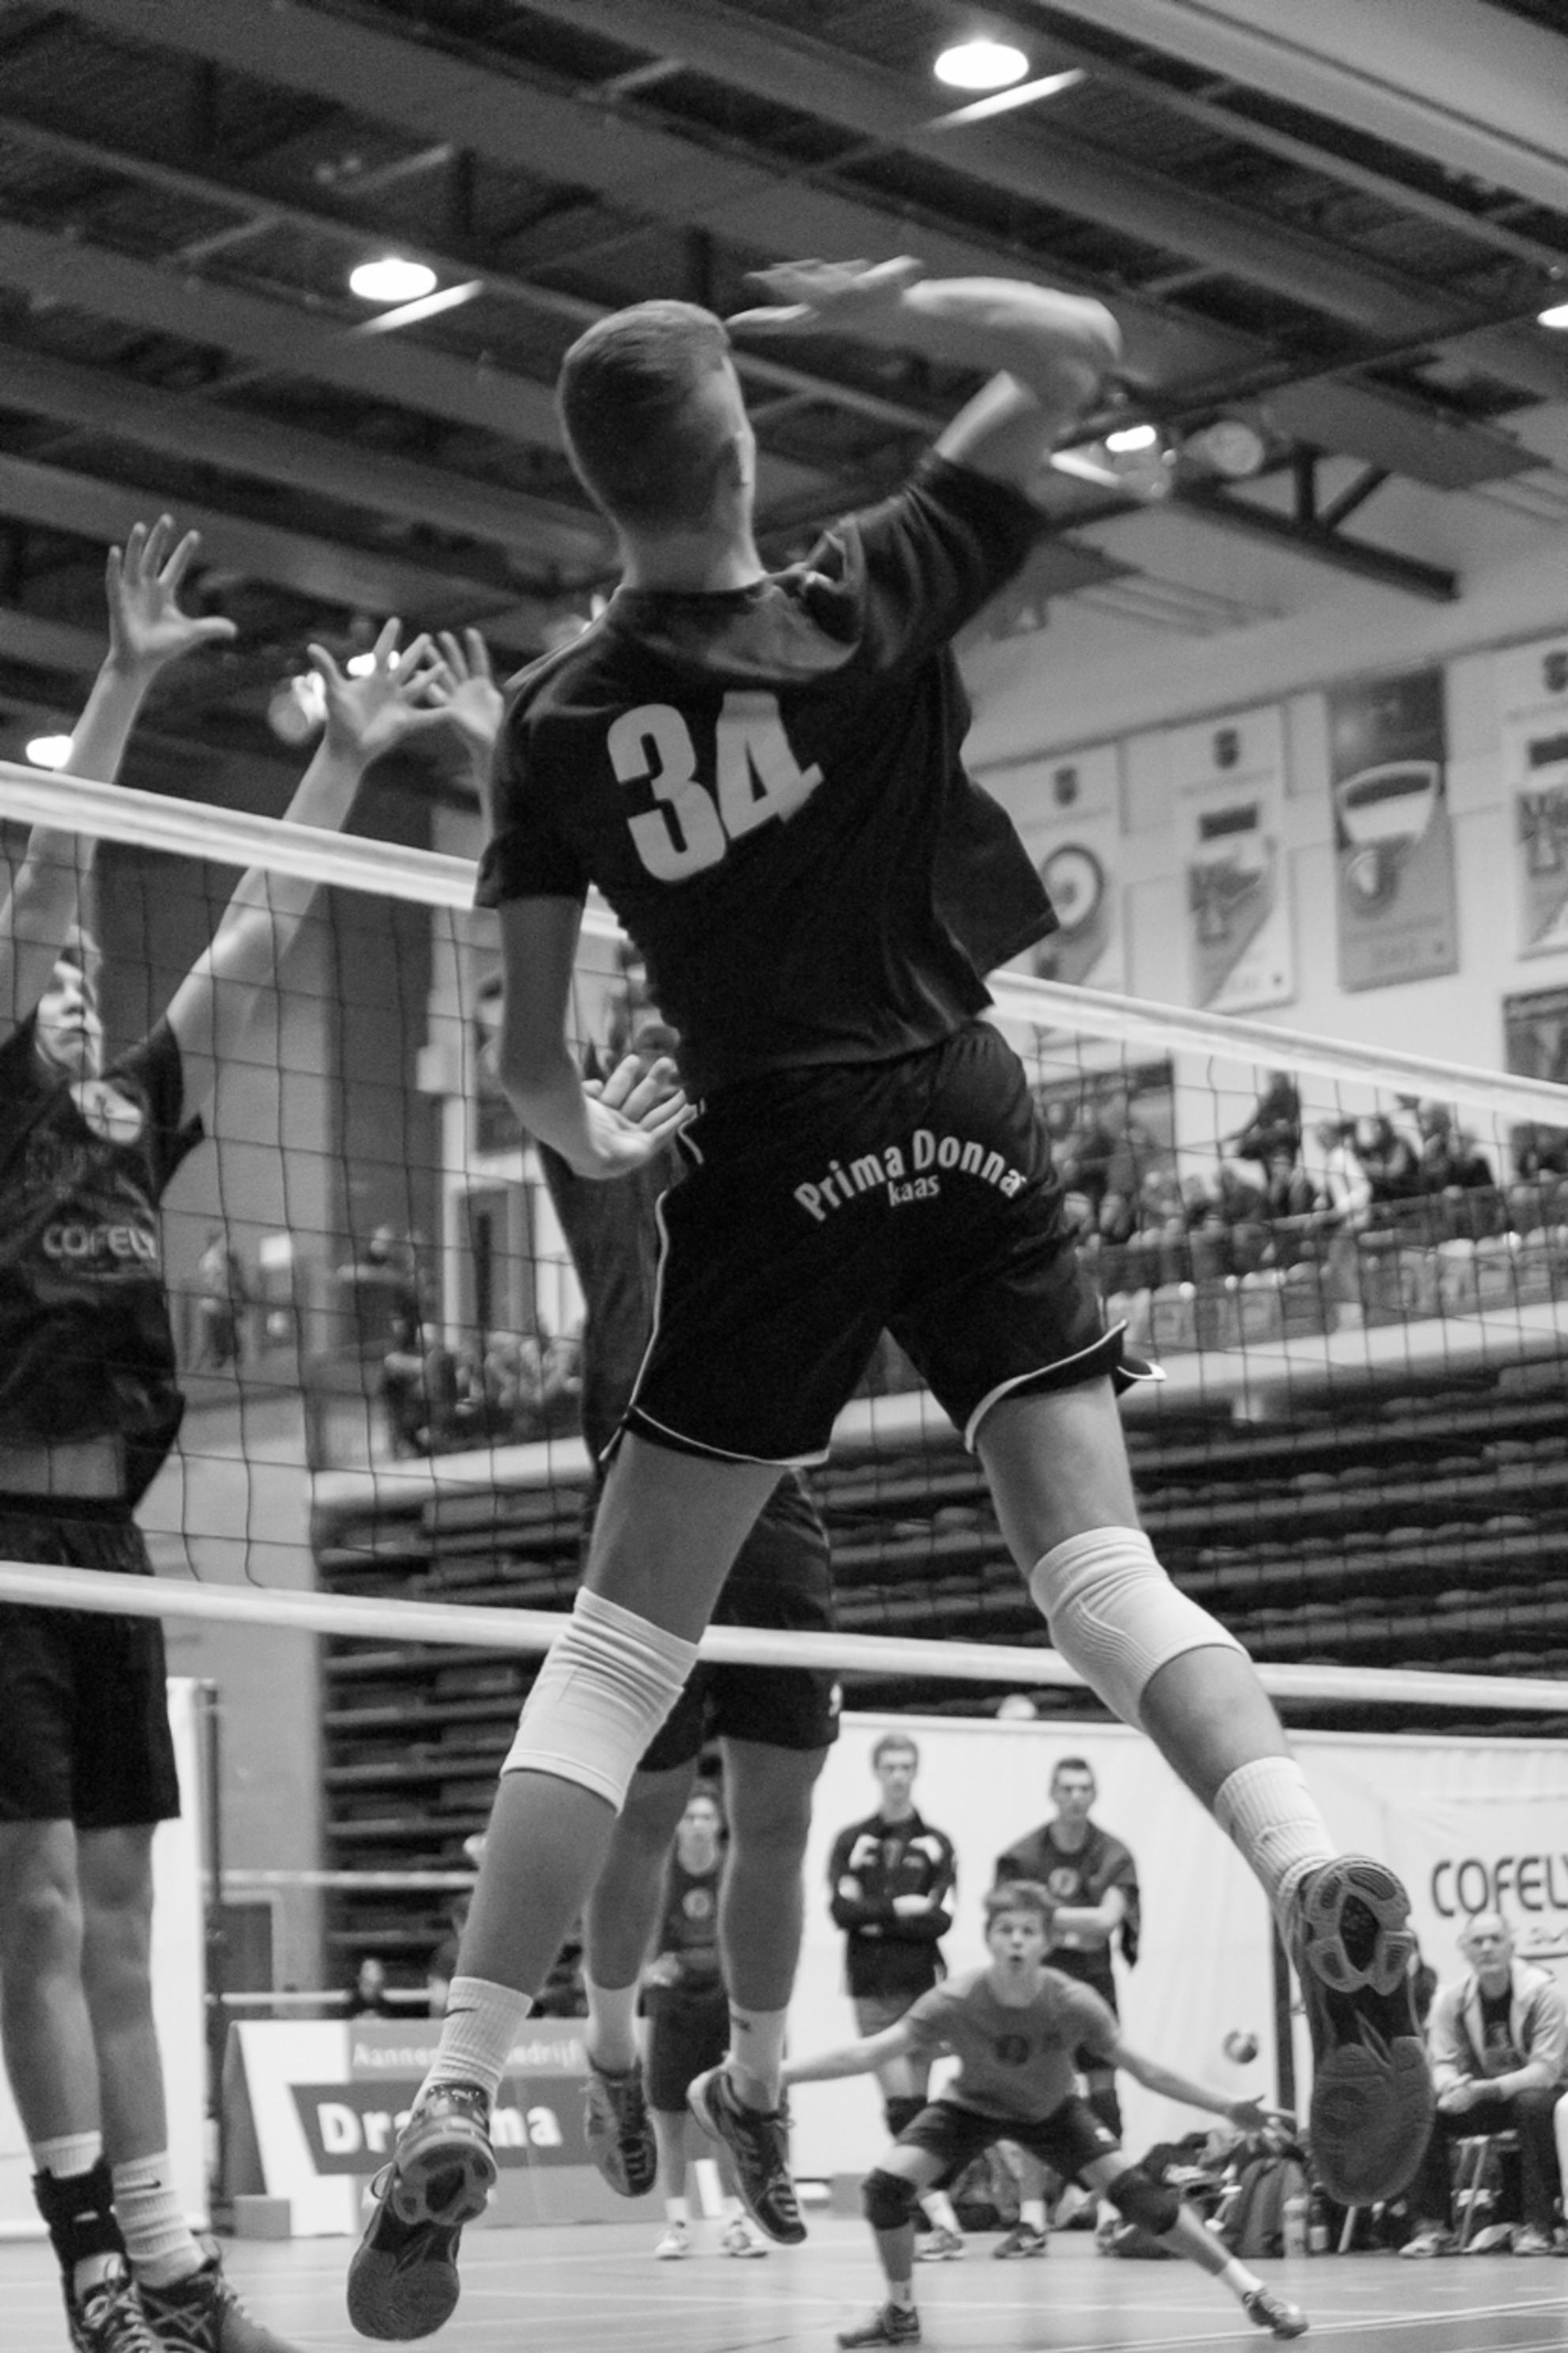 Aanval - Voor het eerst volleybal gefotografeerd! En ik ben erg happy met deze foto. Gemaakt tijdens het Cofely Internationaal Jeugdtoernooi 2015 - foto door Vleer op 13-01-2016 - deze foto bevat: volleybal, jeugd, dynamo, indoor, toernooi, sporthal - Deze foto mag gebruikt worden in een Zoom.nl publicatie